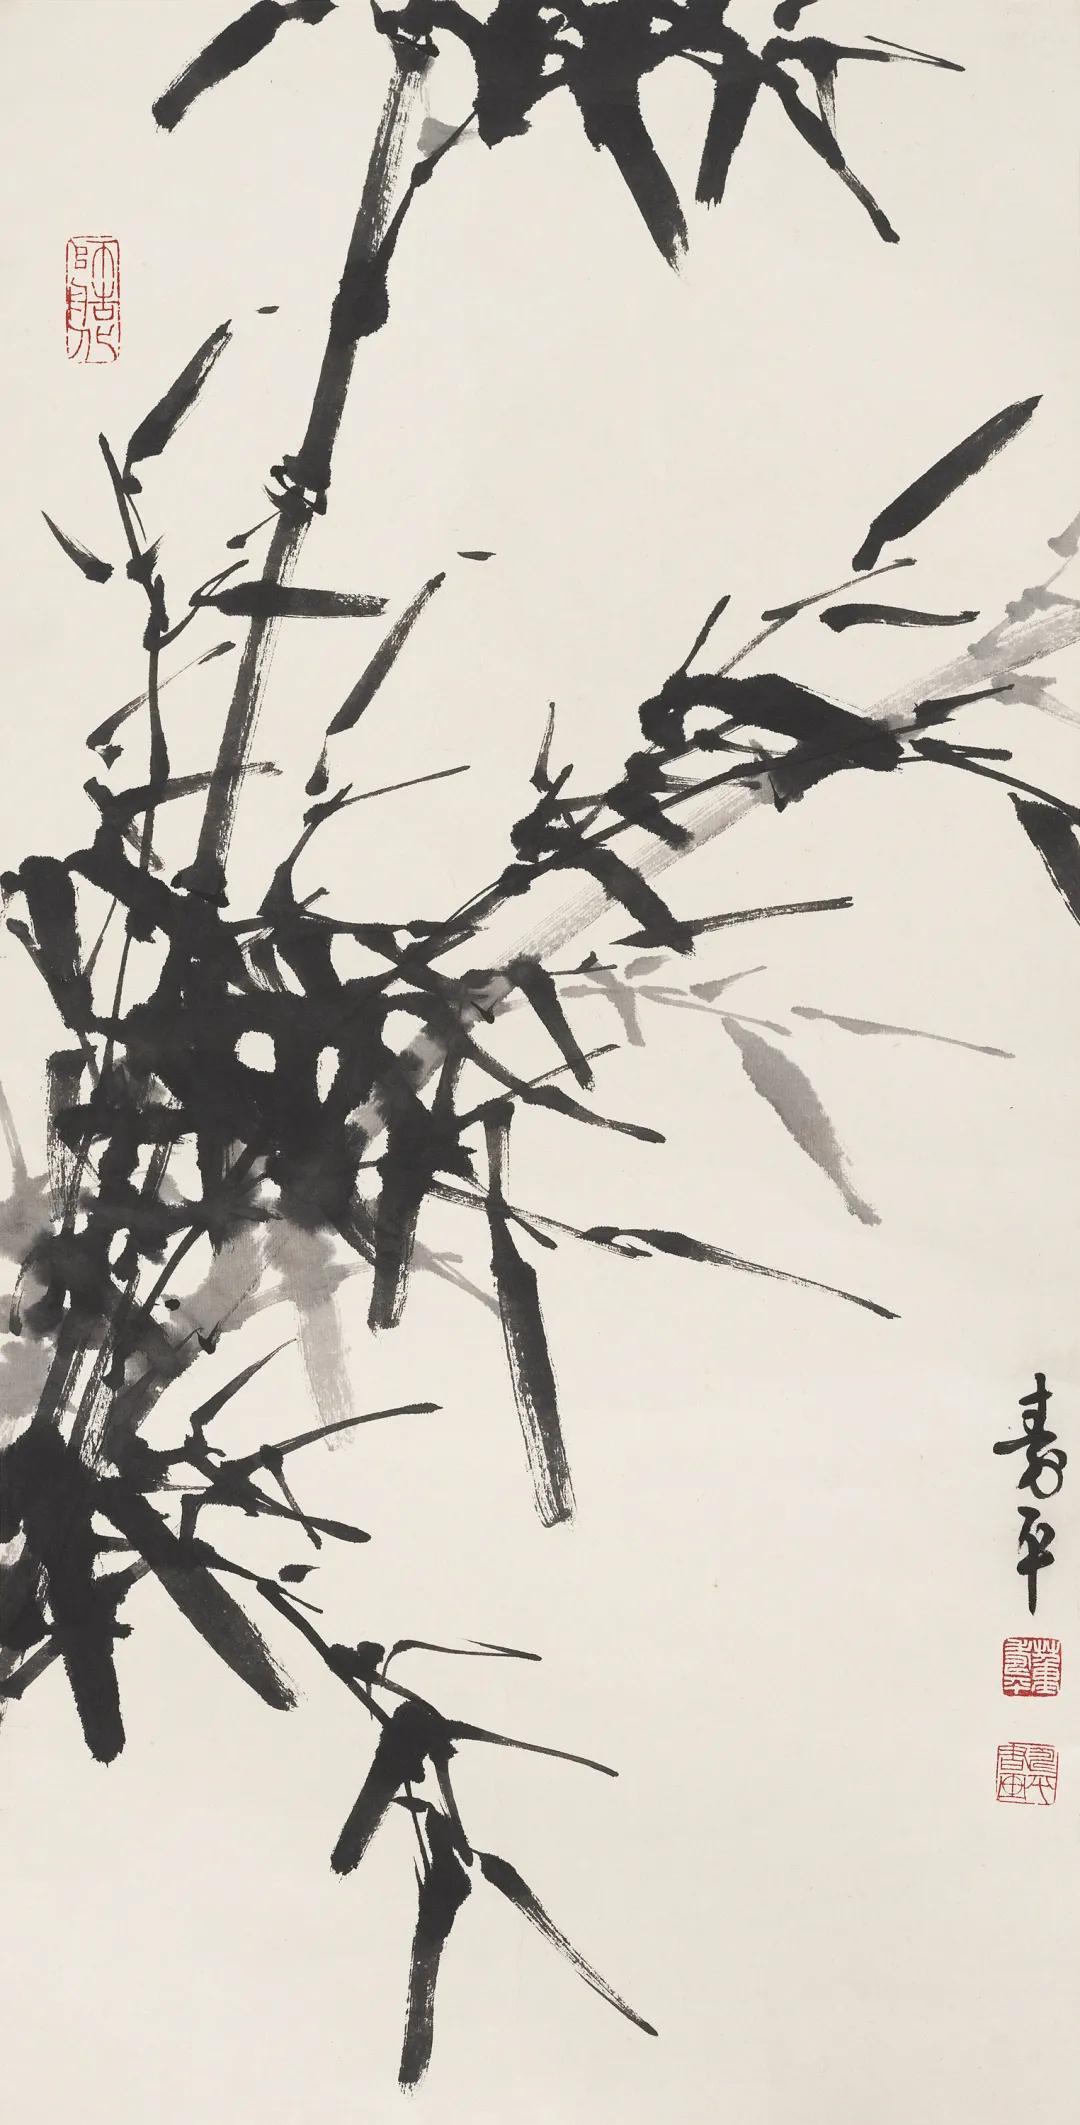 近现代名家(第九期)书画作品网络文物拍卖会